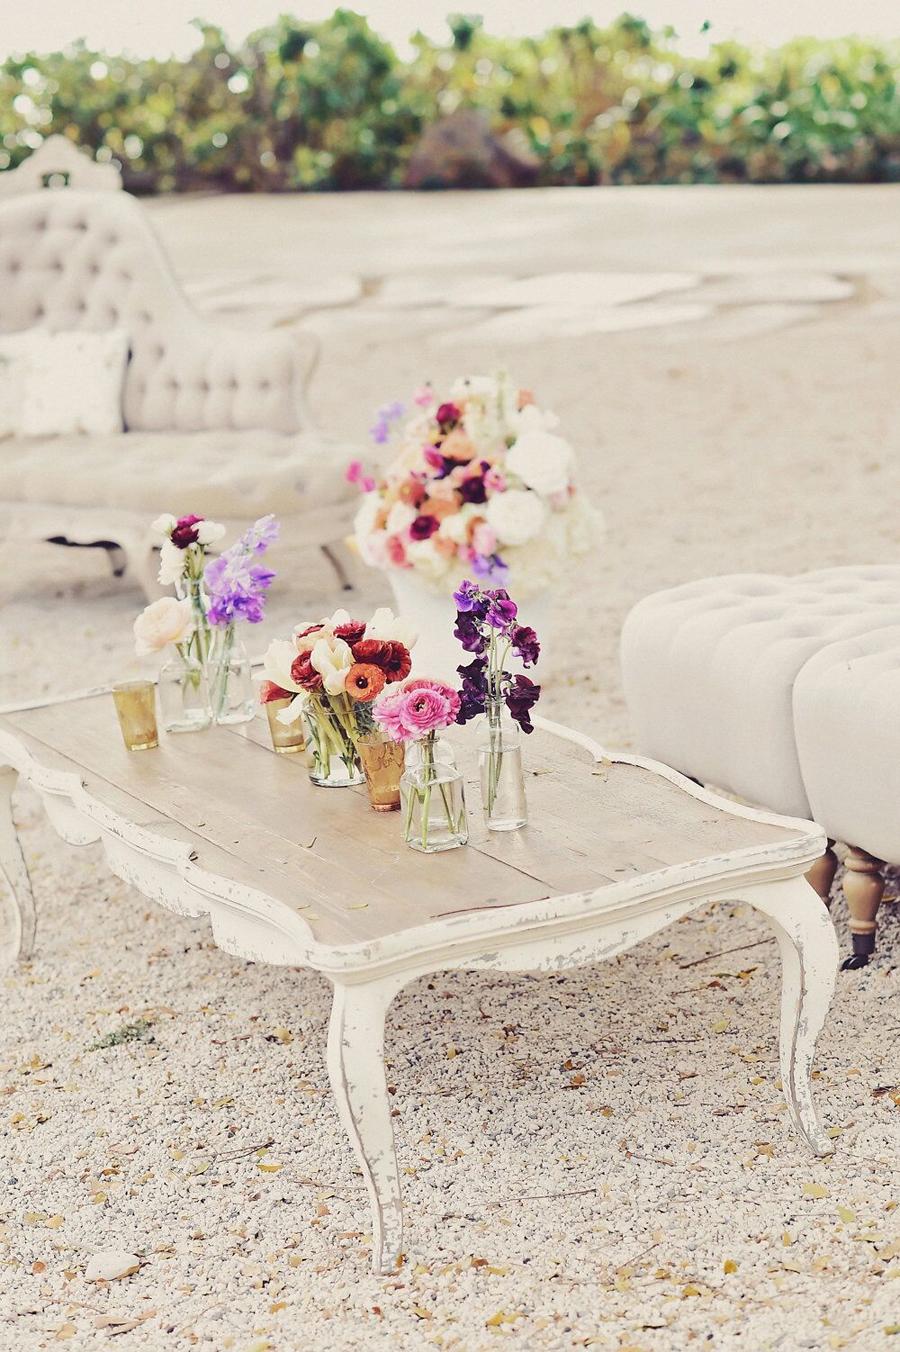 Seating Vignette, Floral Design, Hawaii, Maui